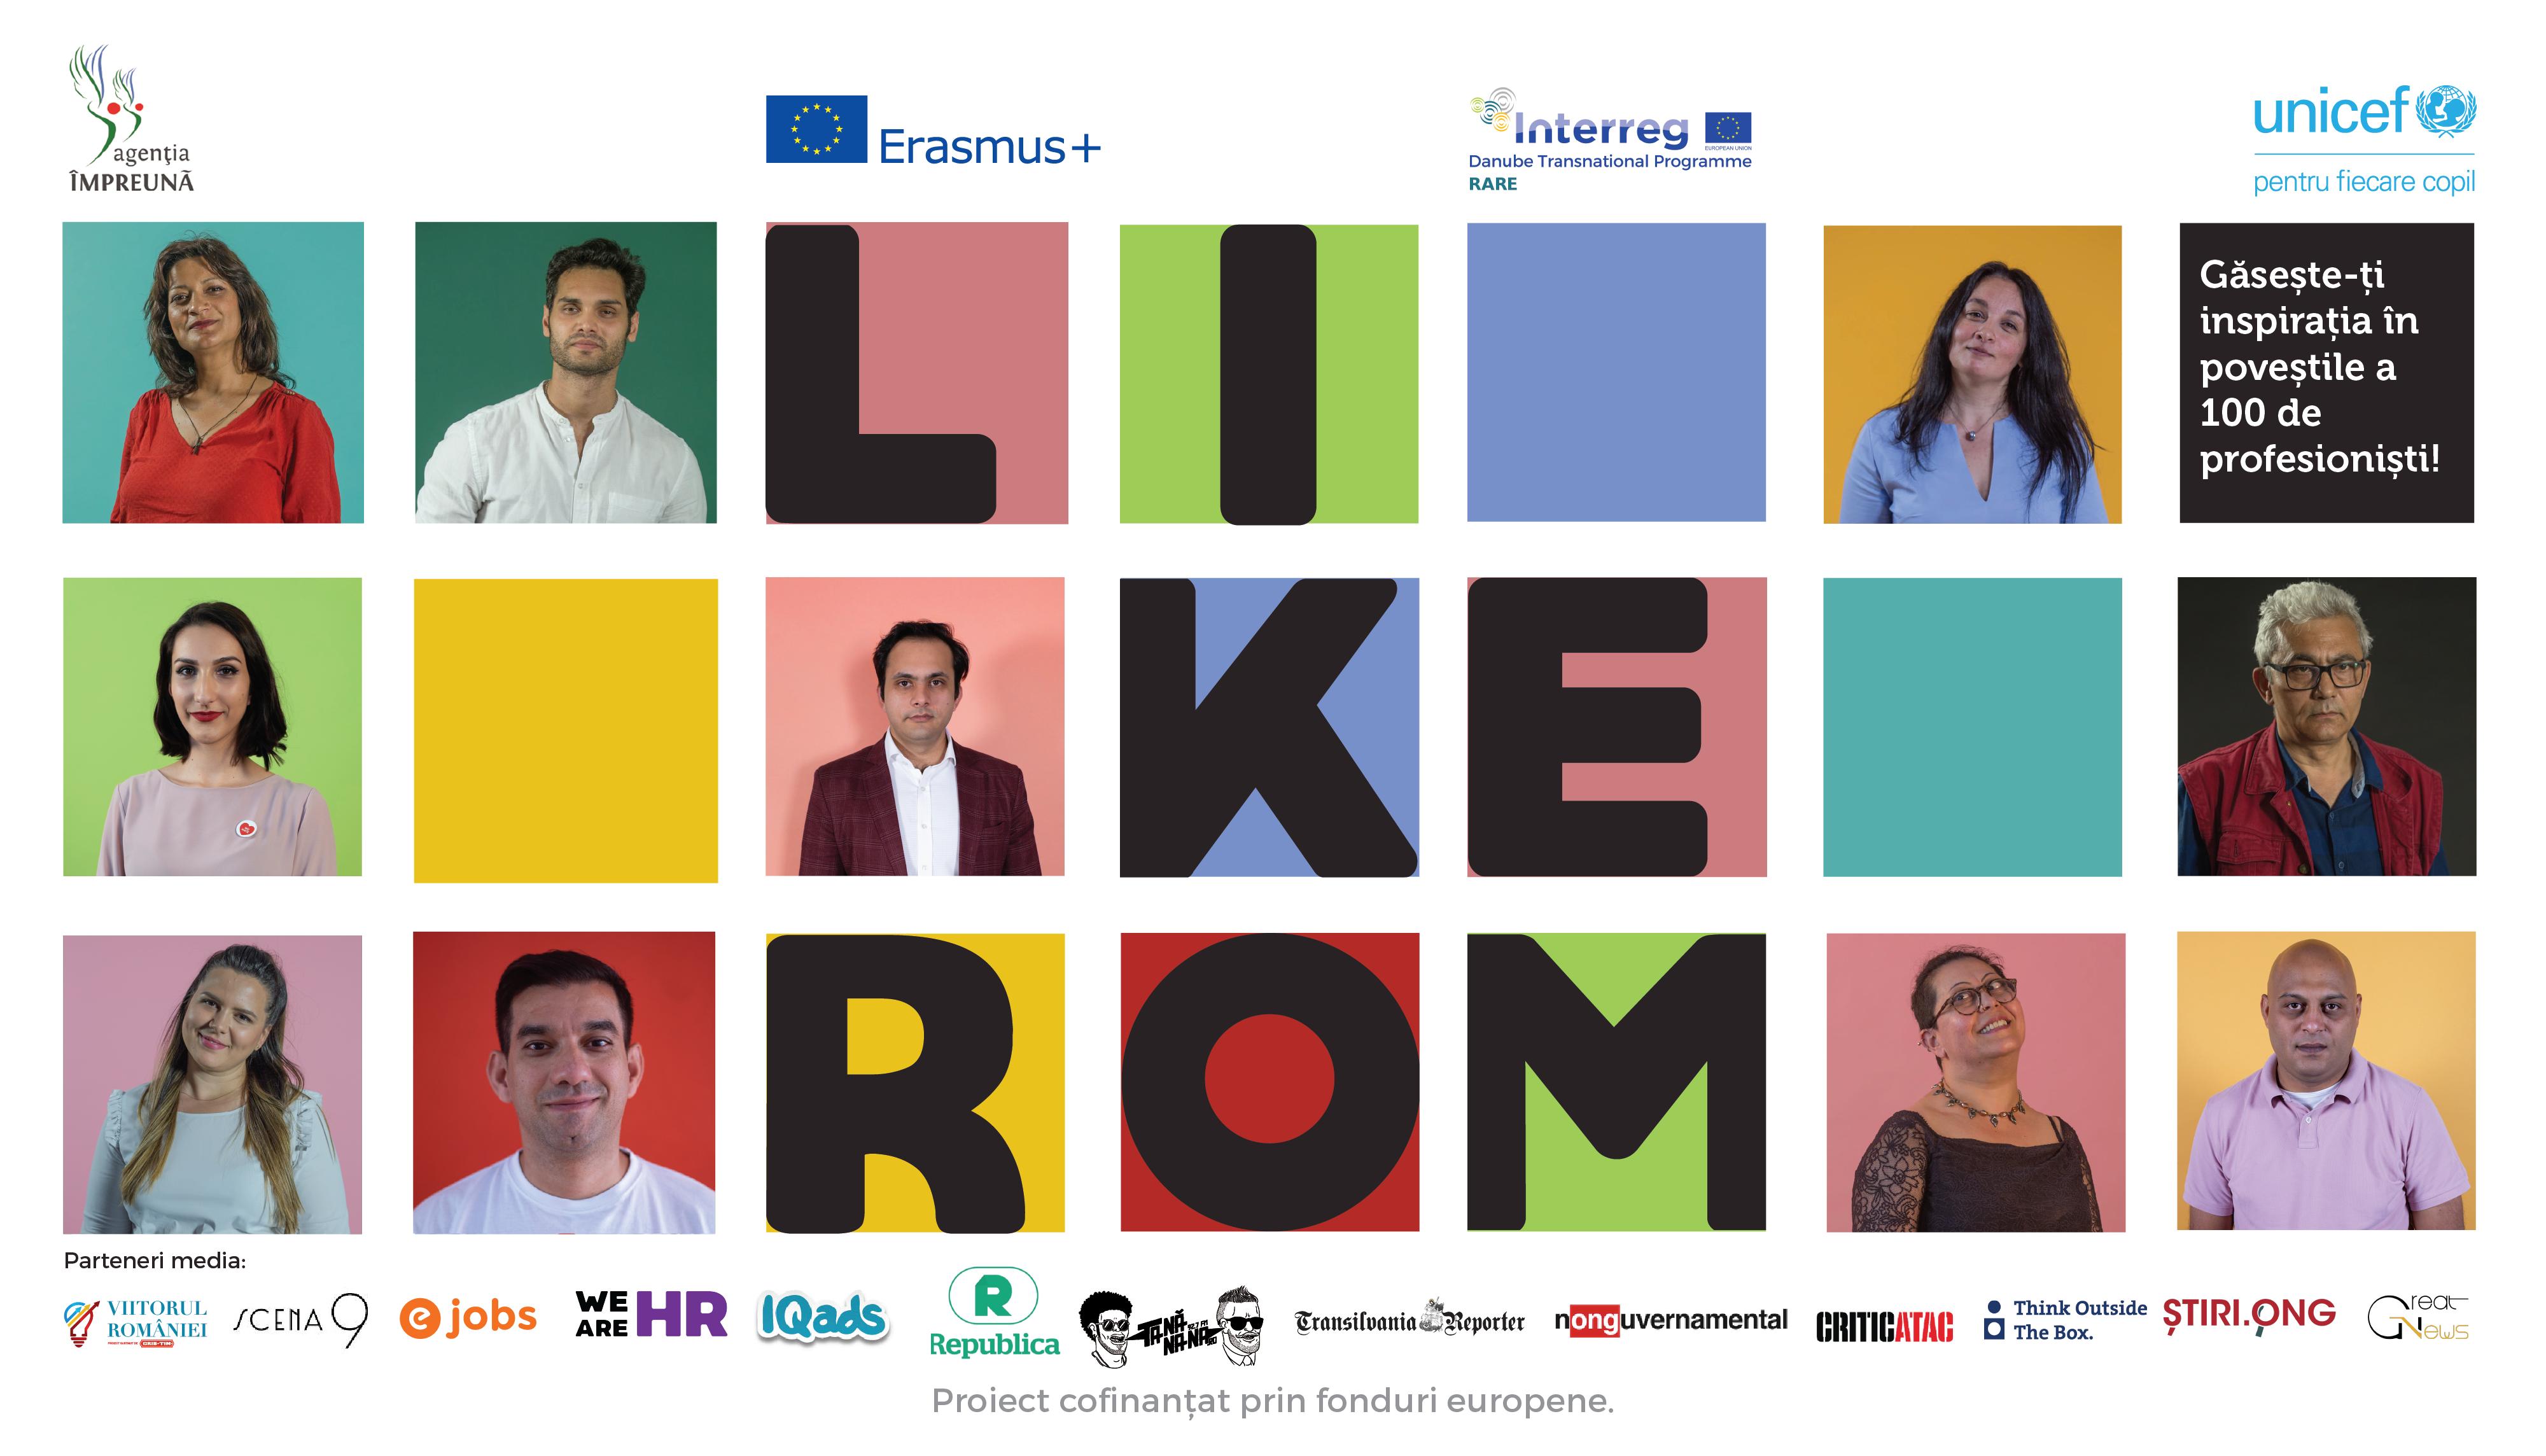 LikeRom lansează spotul oficial al primei comunități de profesioniști de etnie romă